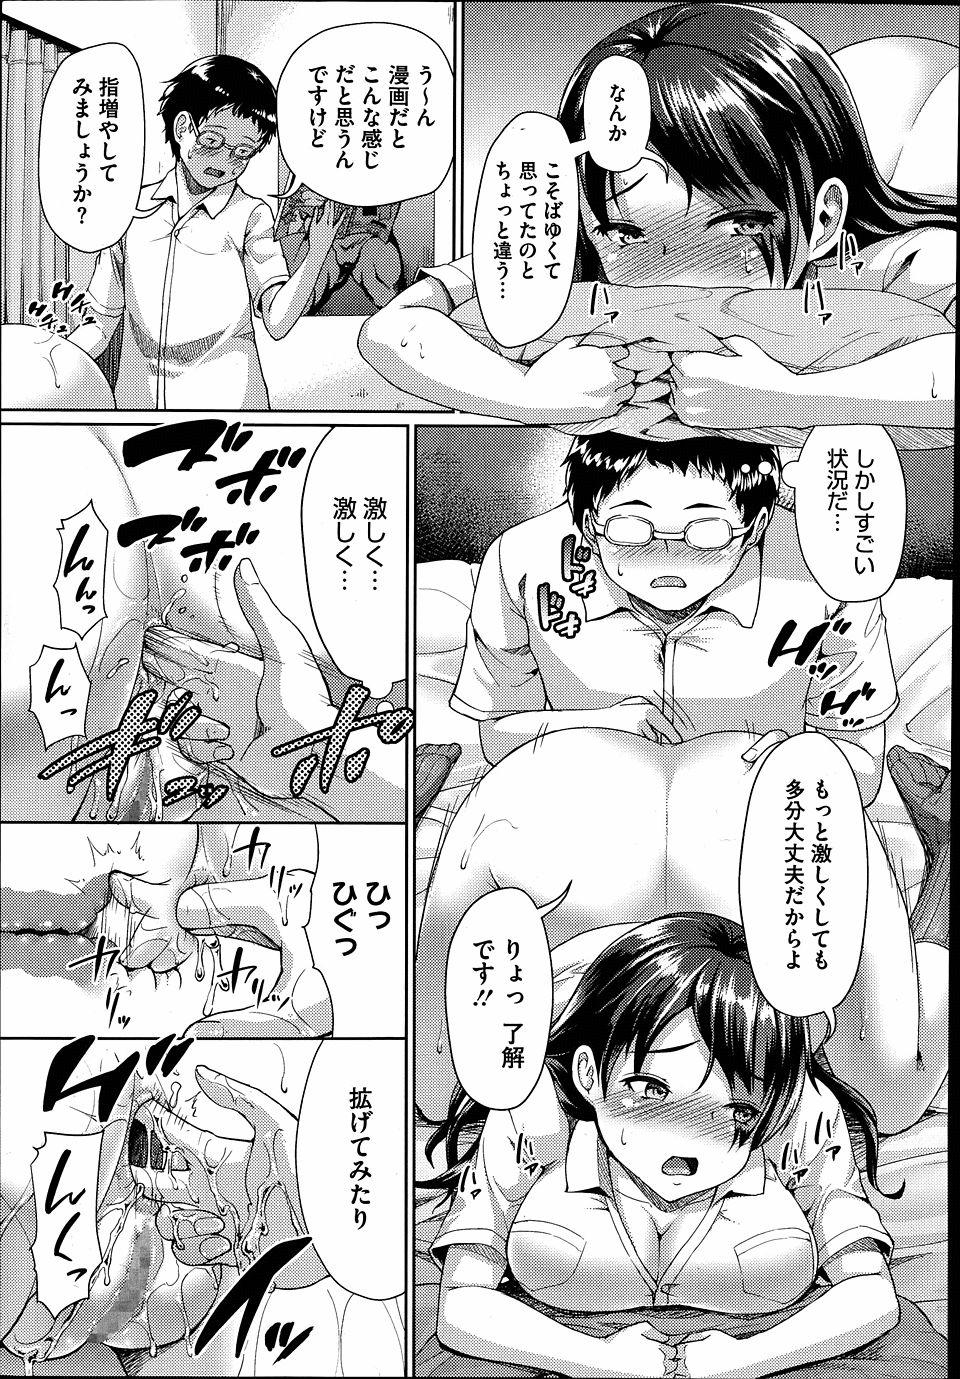 【エロ漫画・エロ同人誌】巨乳のヤンキー娘がエロ本でやってるアナルセックスに興味持っちゃったwww (9)